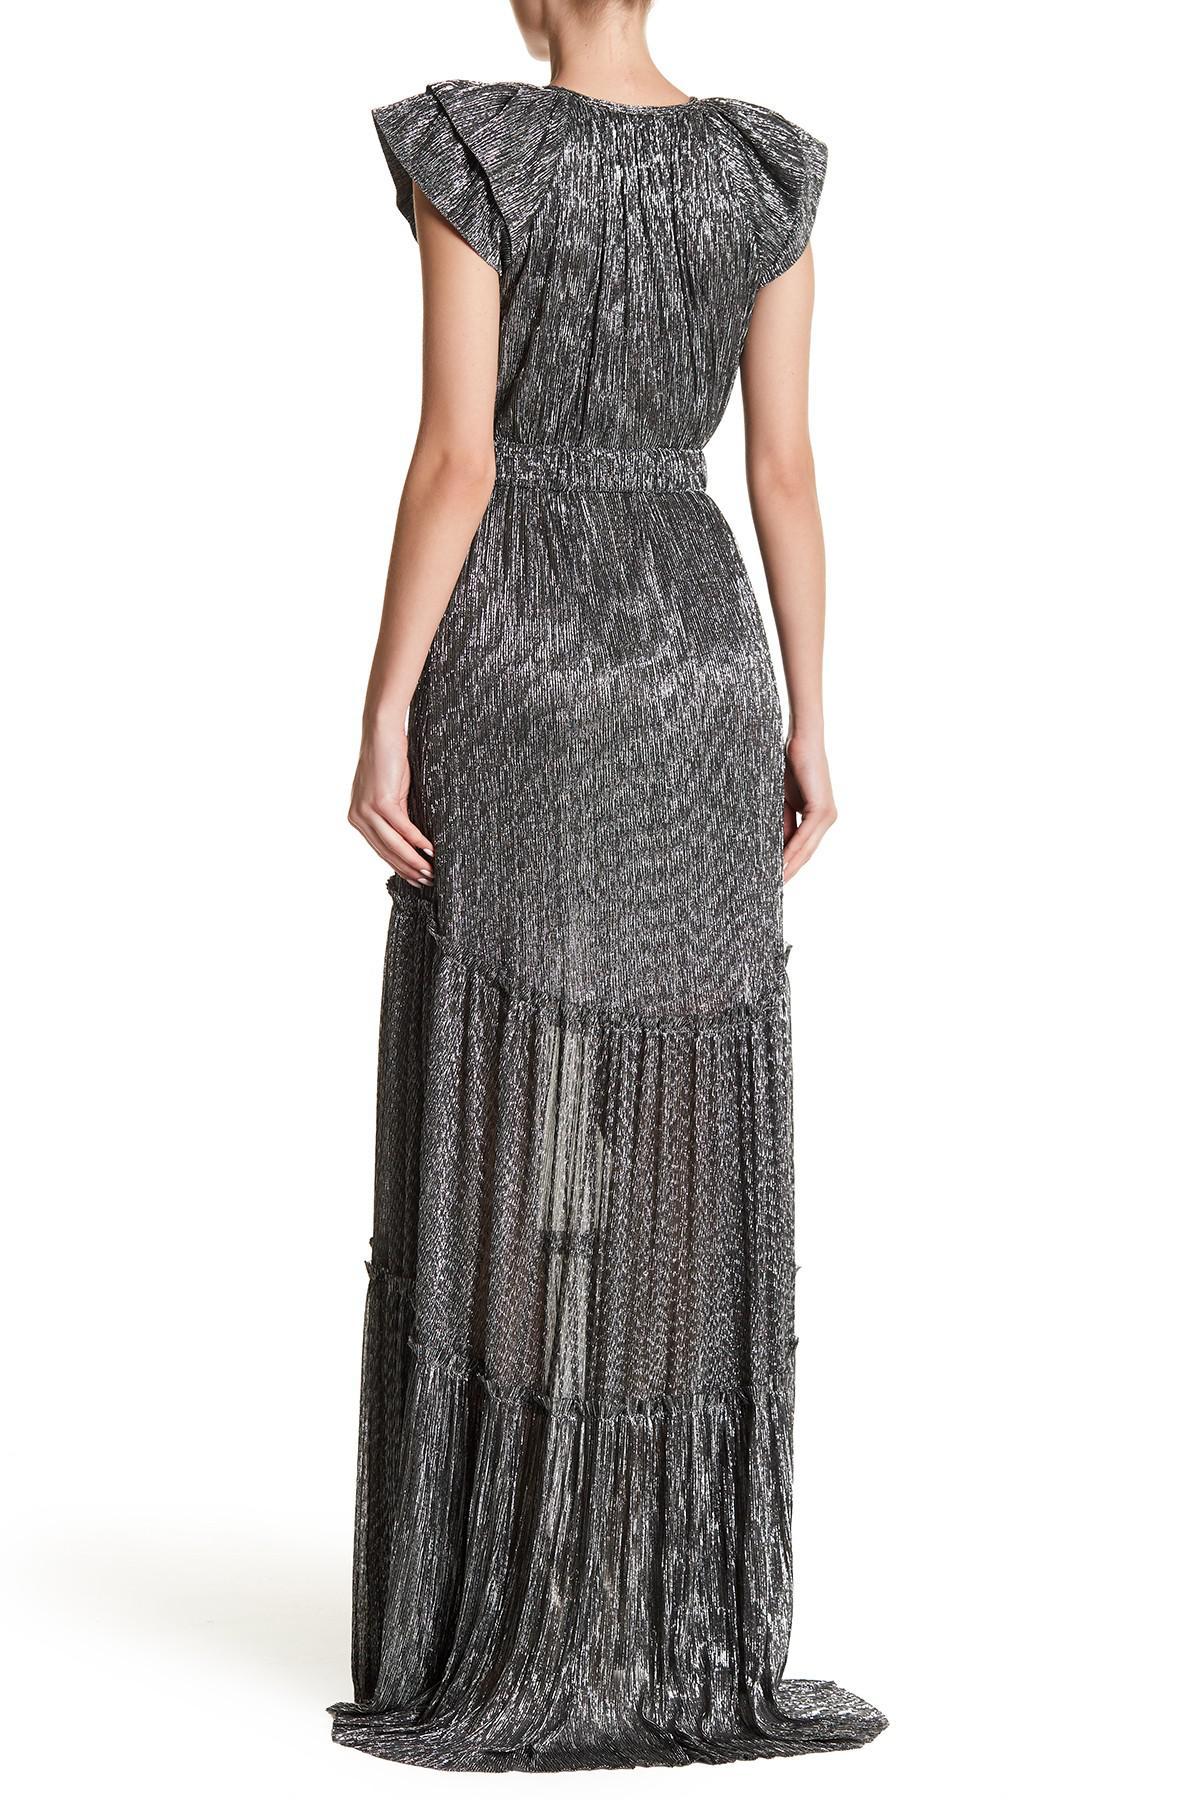 Lyst - Sabina Musayev Miley Metallic Ruffle Dress in Metallic